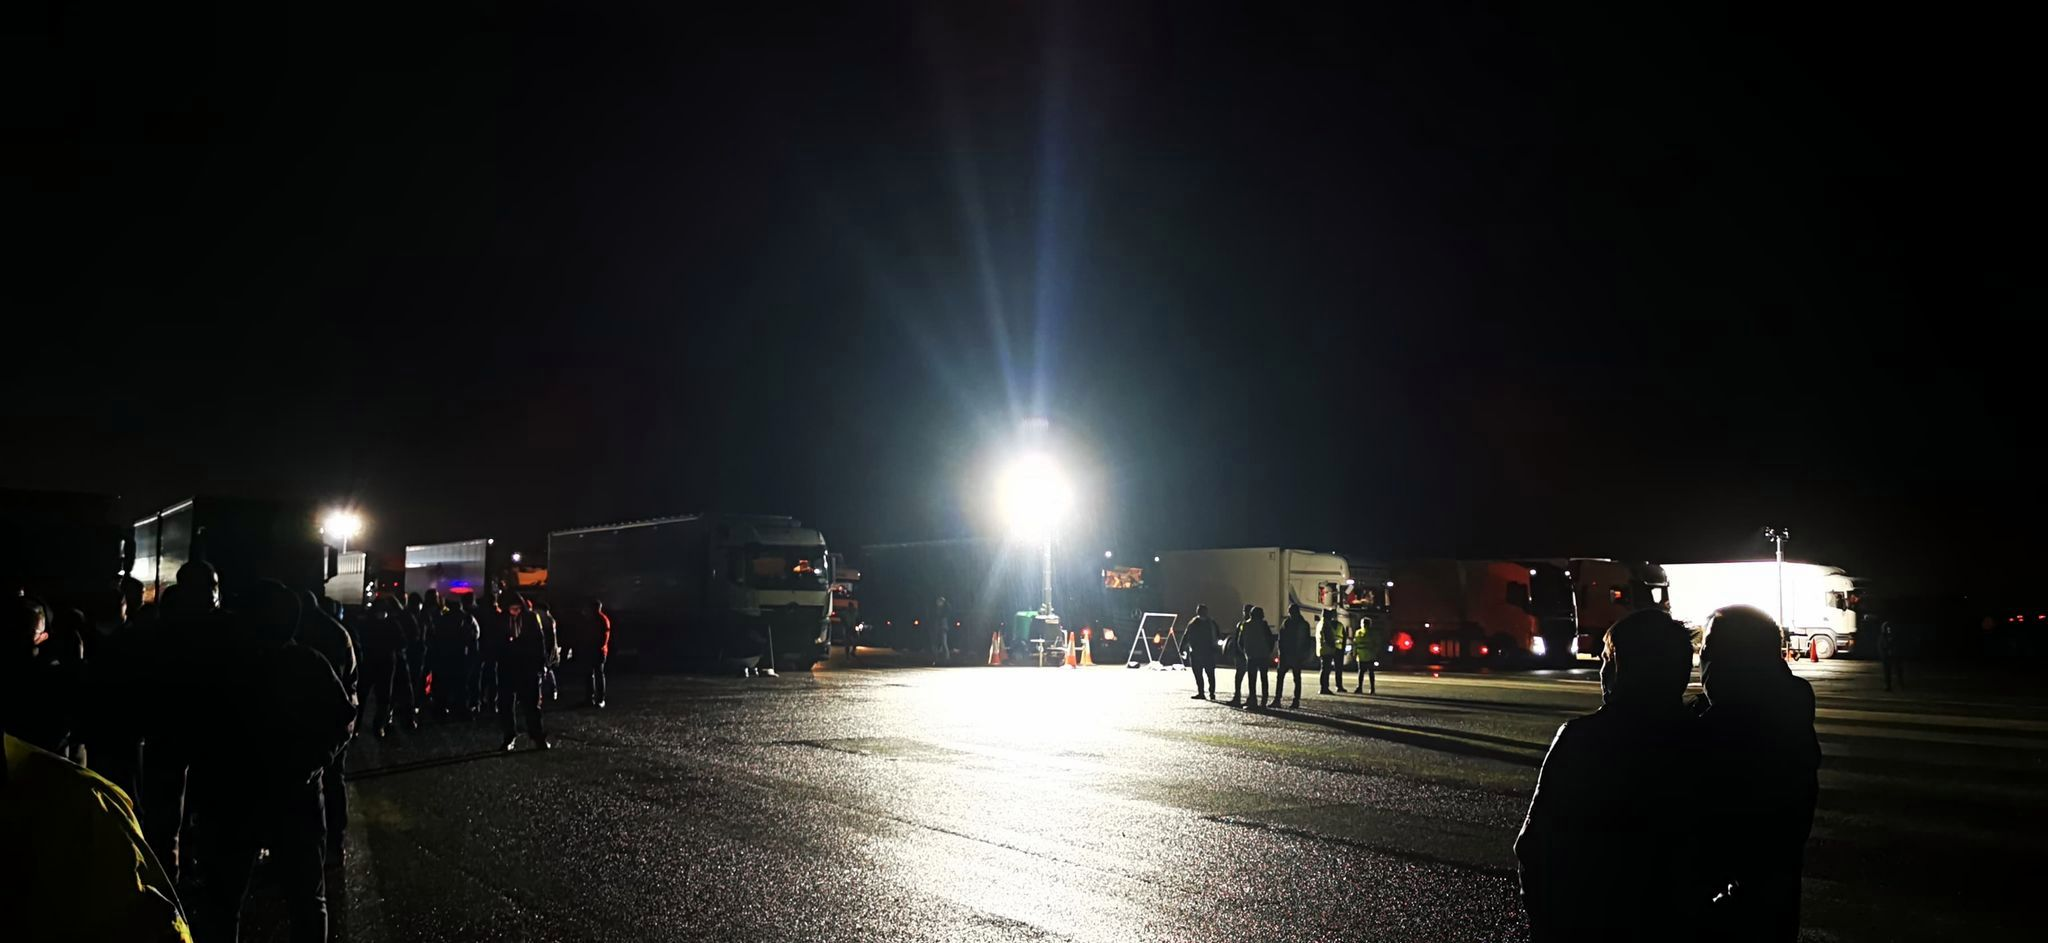 Kierowcy firm transportowych utknęli na lotnisku w Wielkiej Brytanii [VIDEO] - Zdjęcie główne